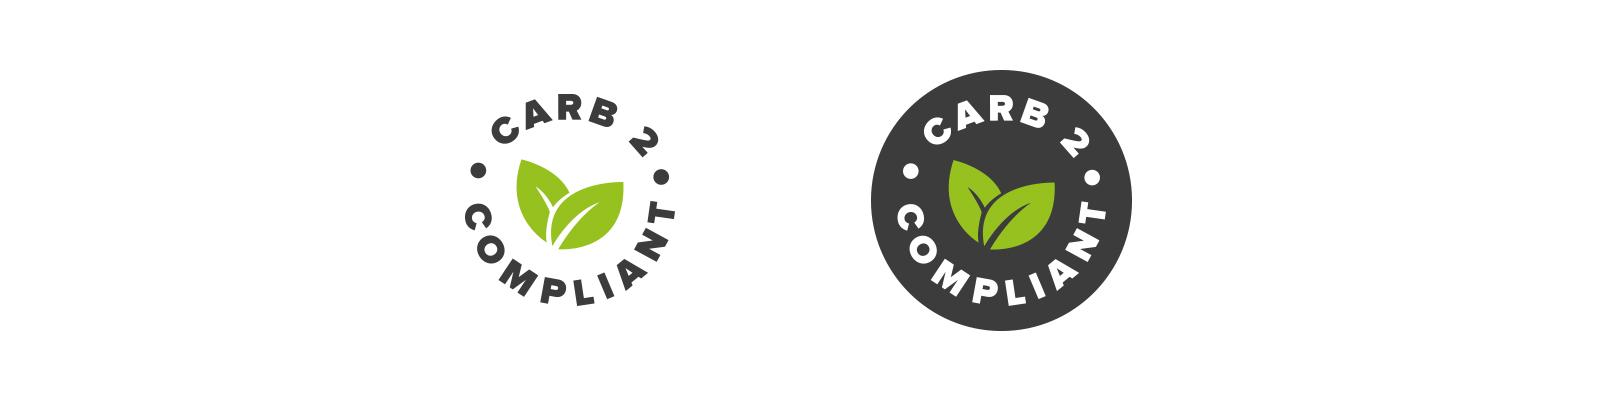 CARB2-Logos.jpg